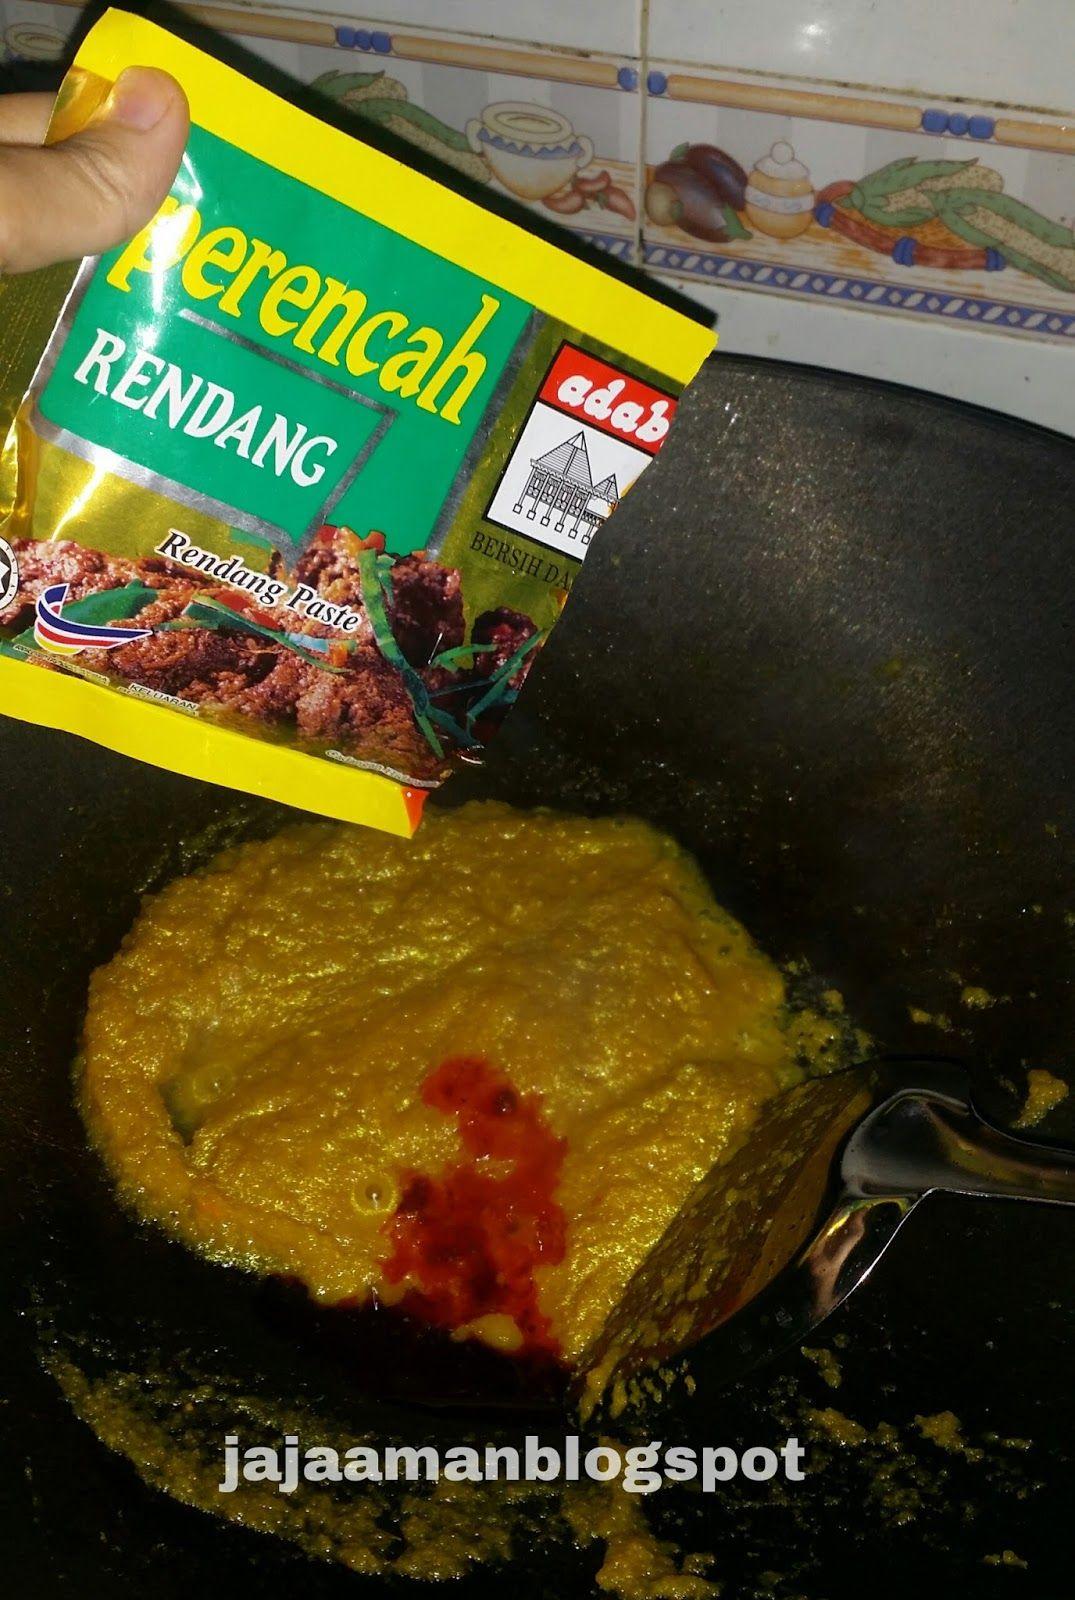 Resepi Rendang Ayam Adabi Perencah Adabi With Images Food